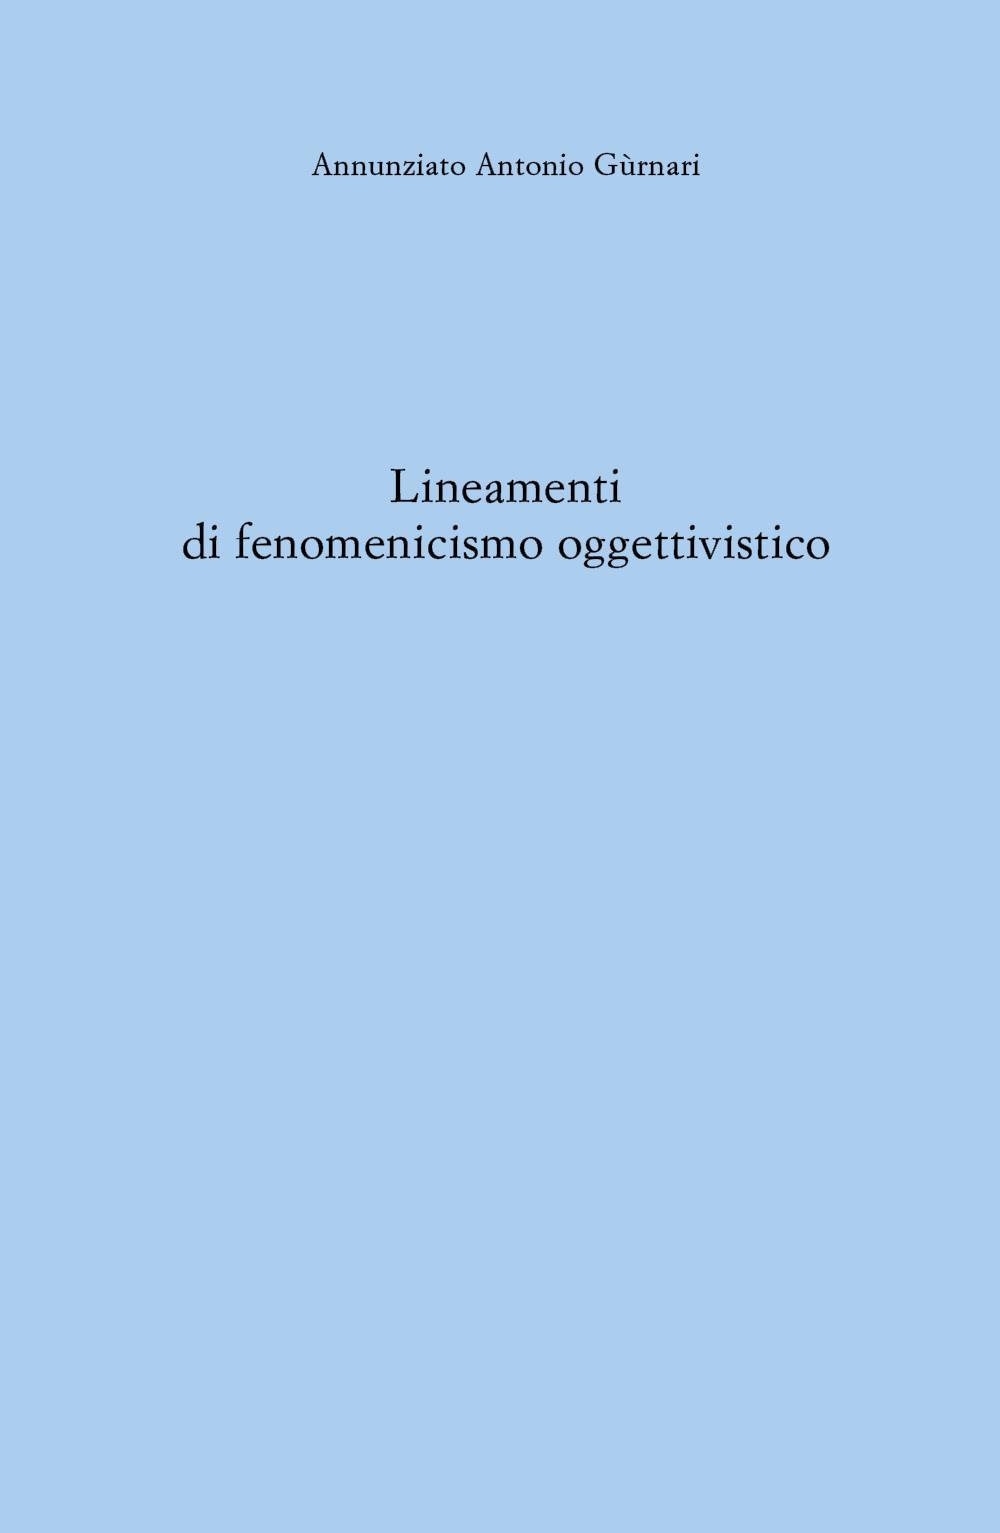 Lineamenti di fenomenicismo oggettivistico